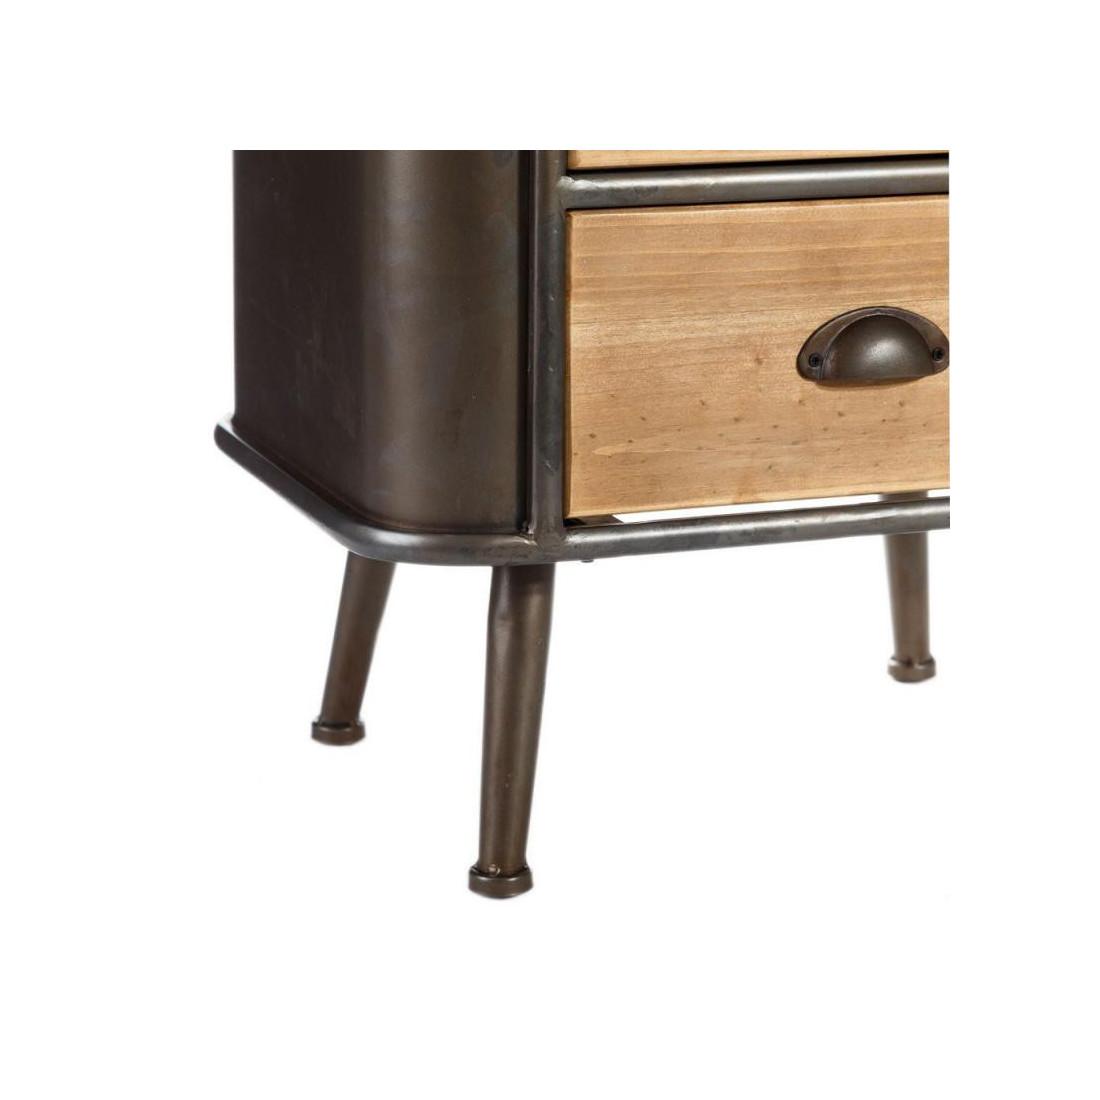 Table de chevet 2 tiroirs 1 niche bois m tal twist - Table chevet industriel ...